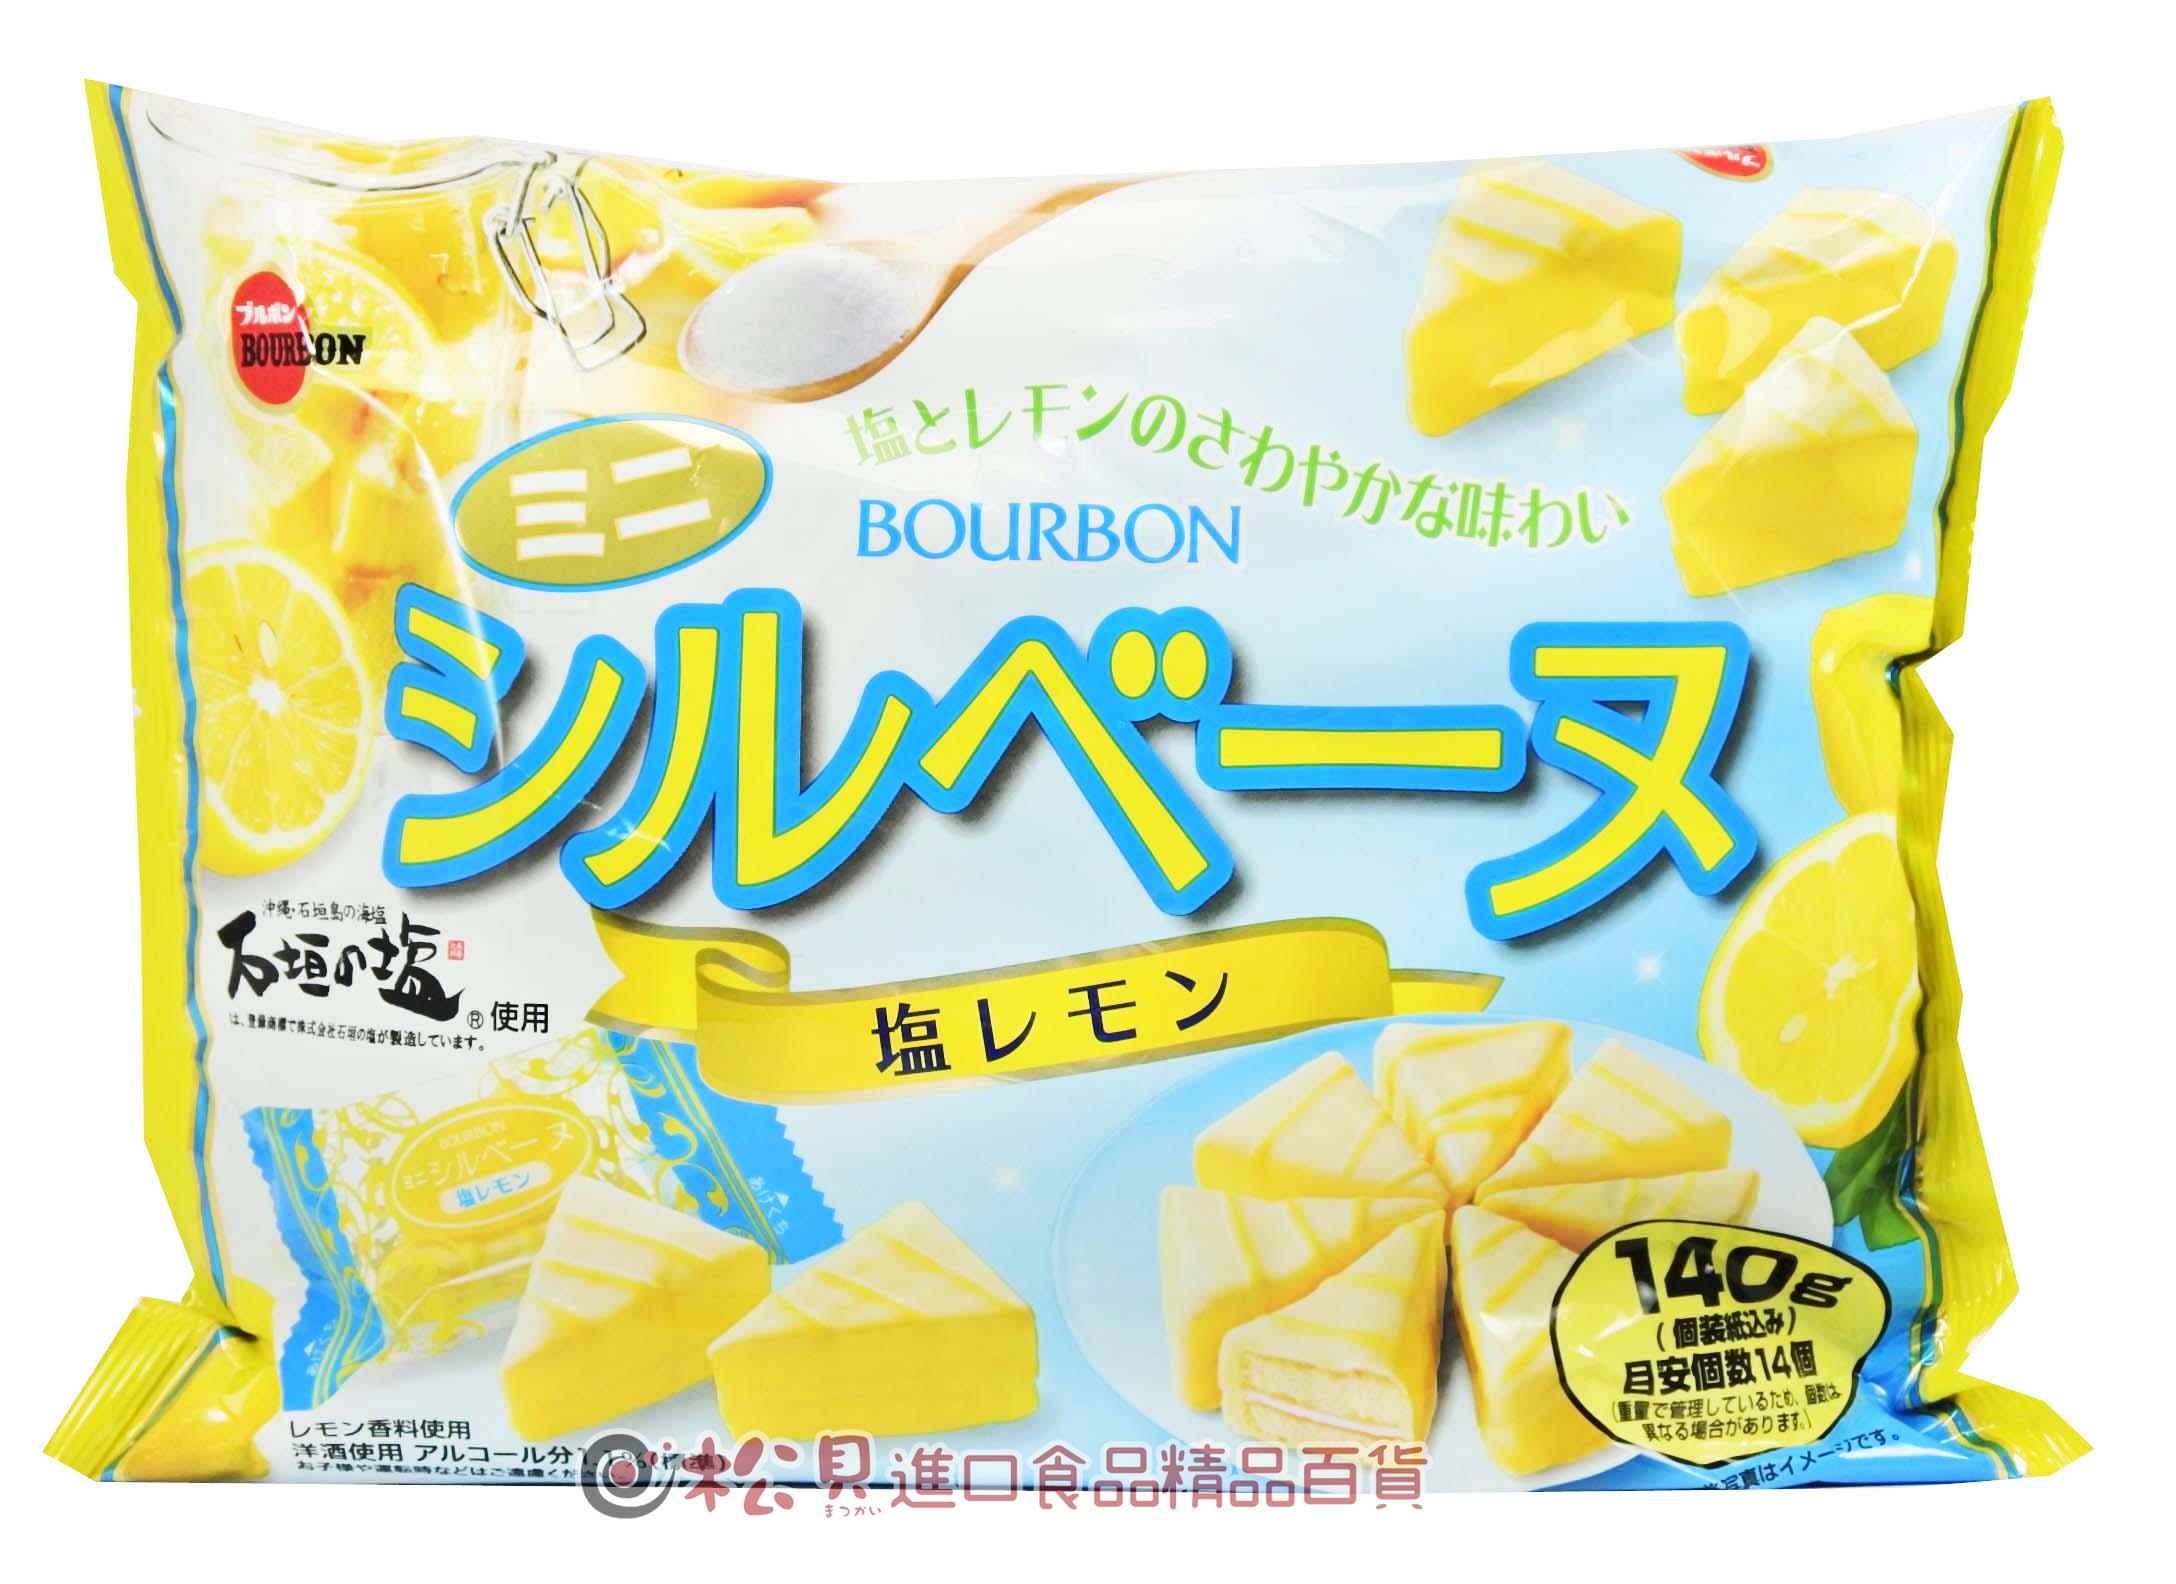 北日本迷你鹽檸檬三角蛋糕140g【4901360329908】